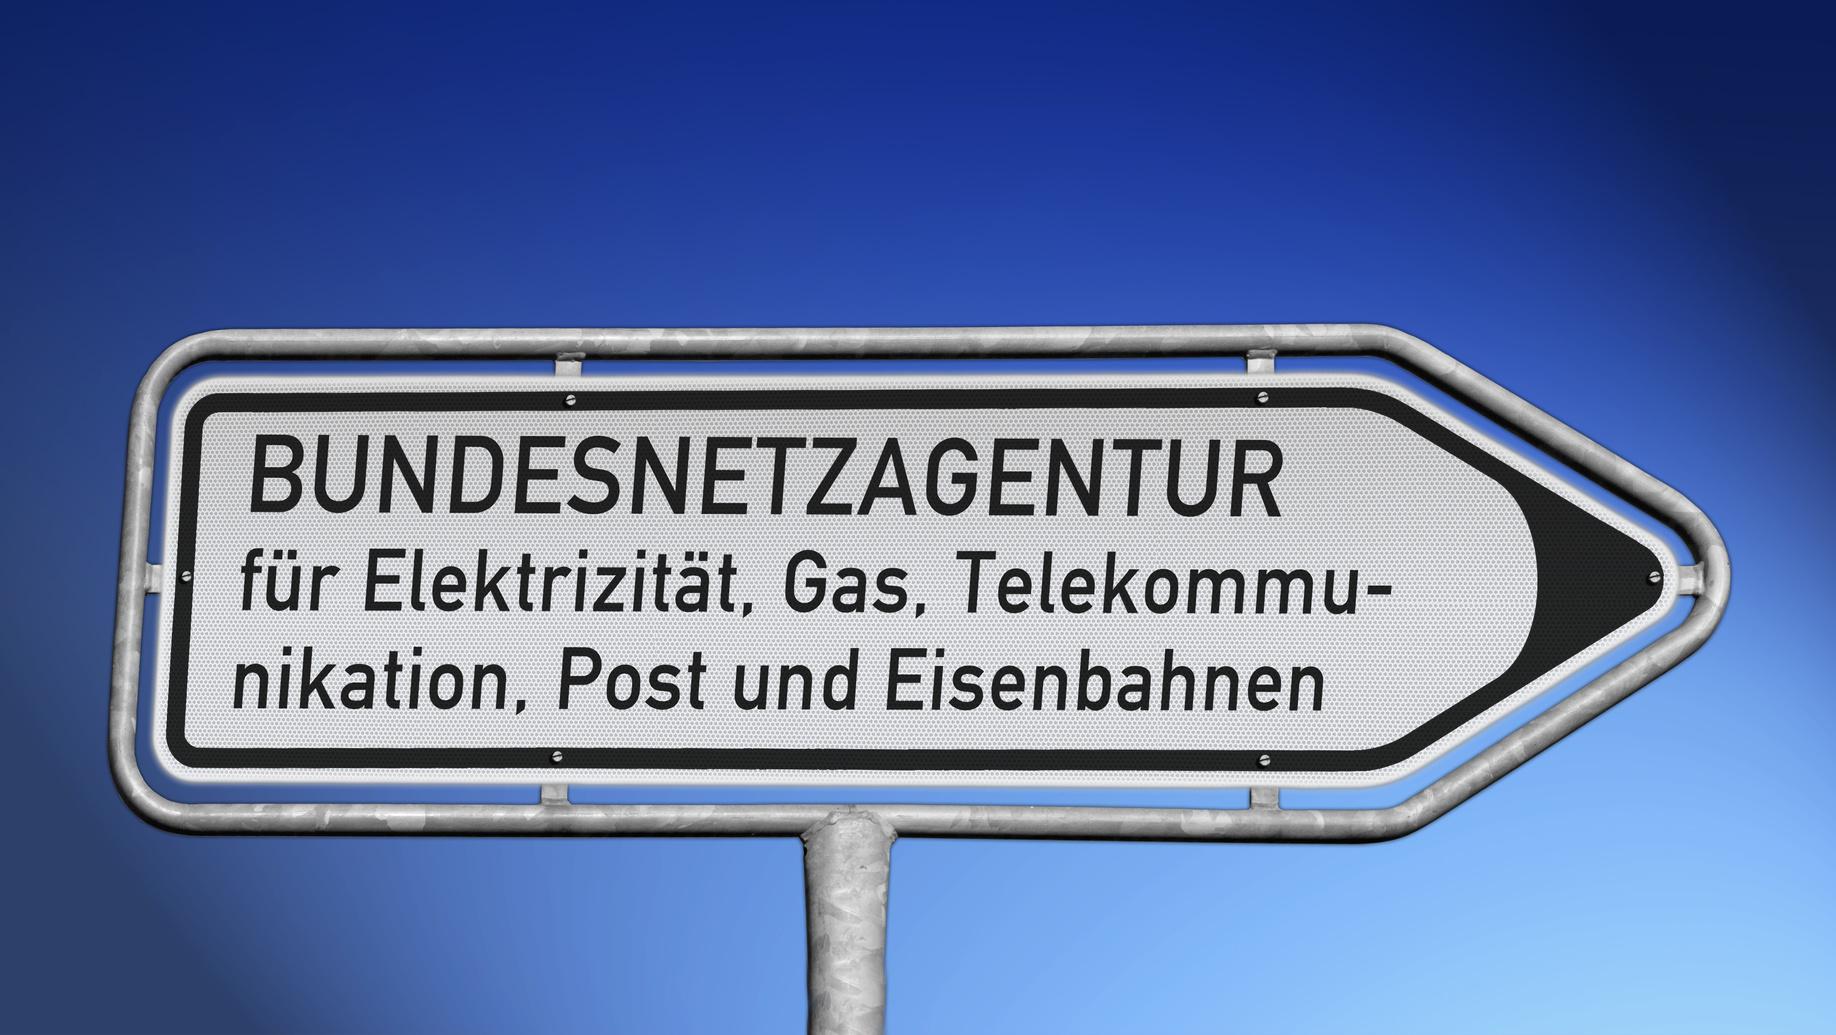 BNetzA veröffentlicht neuen Leitfaden zur Ermittlung von Sondernetzentgelten nach § 20 Abs. 2 GasNEV